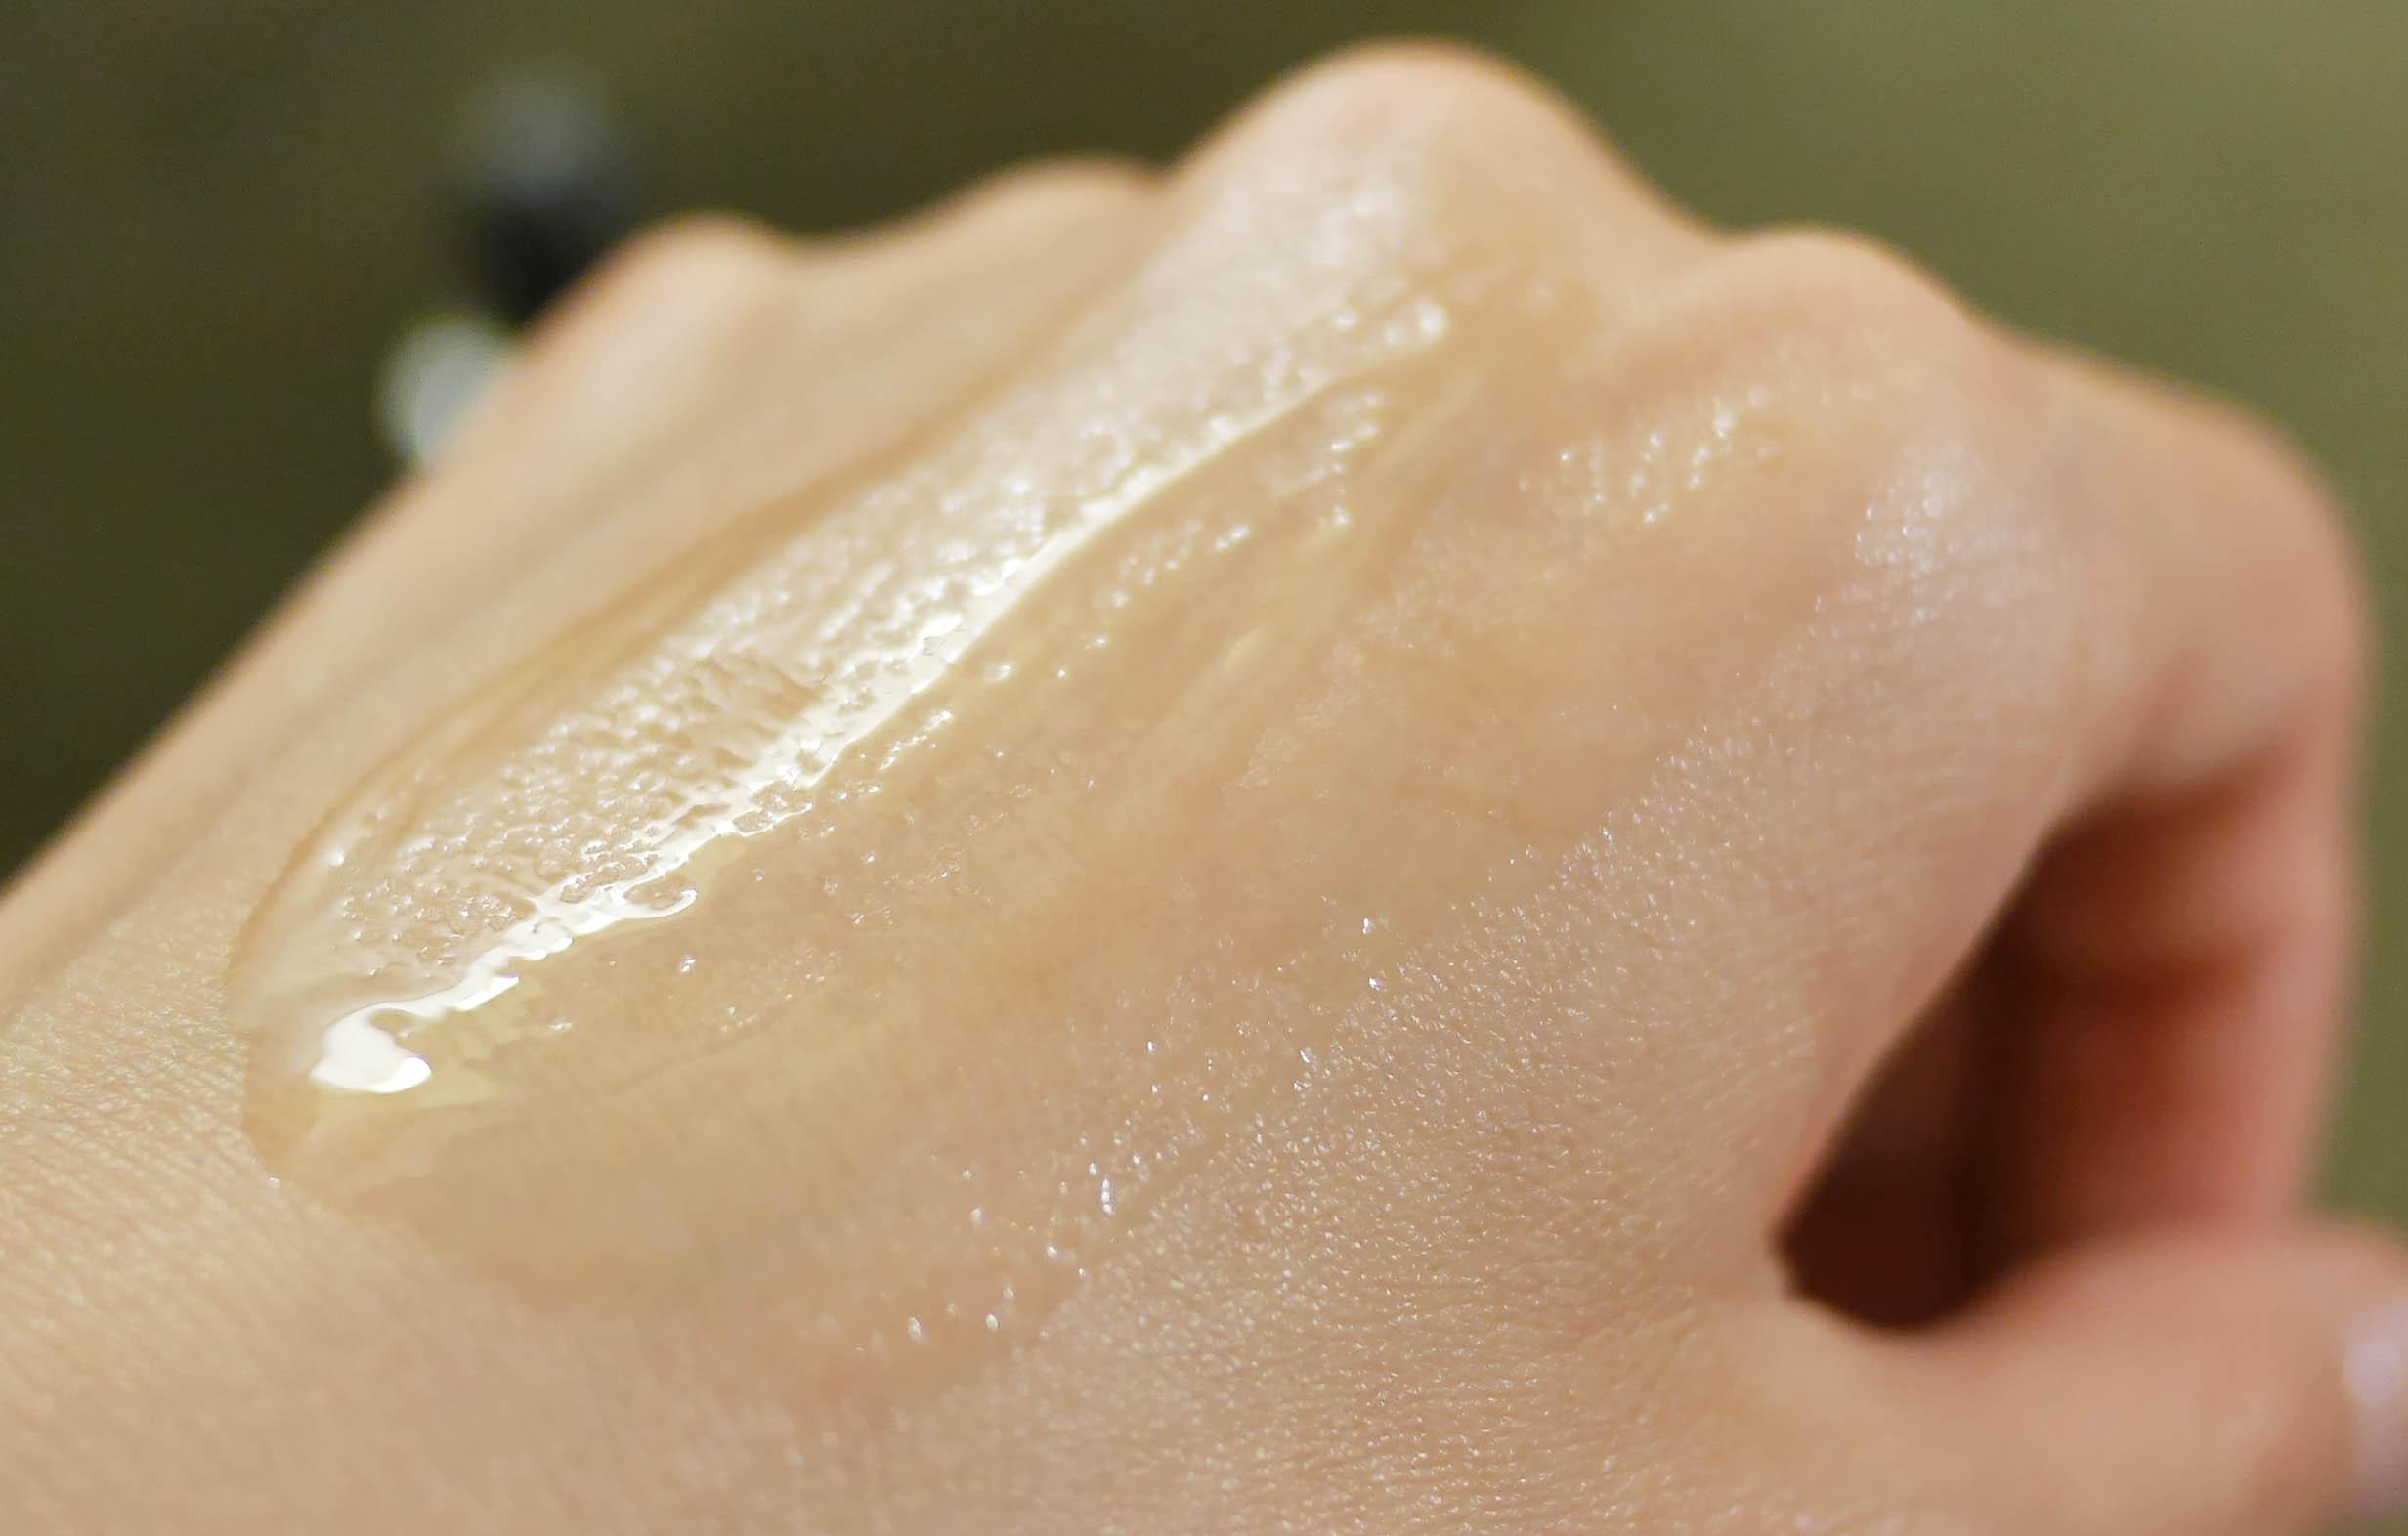 德國的抗敏配方,不含香精色素,敏感性肌膚、孕婦可以使用|高濃度玻尿酸沁媛堂面膜!